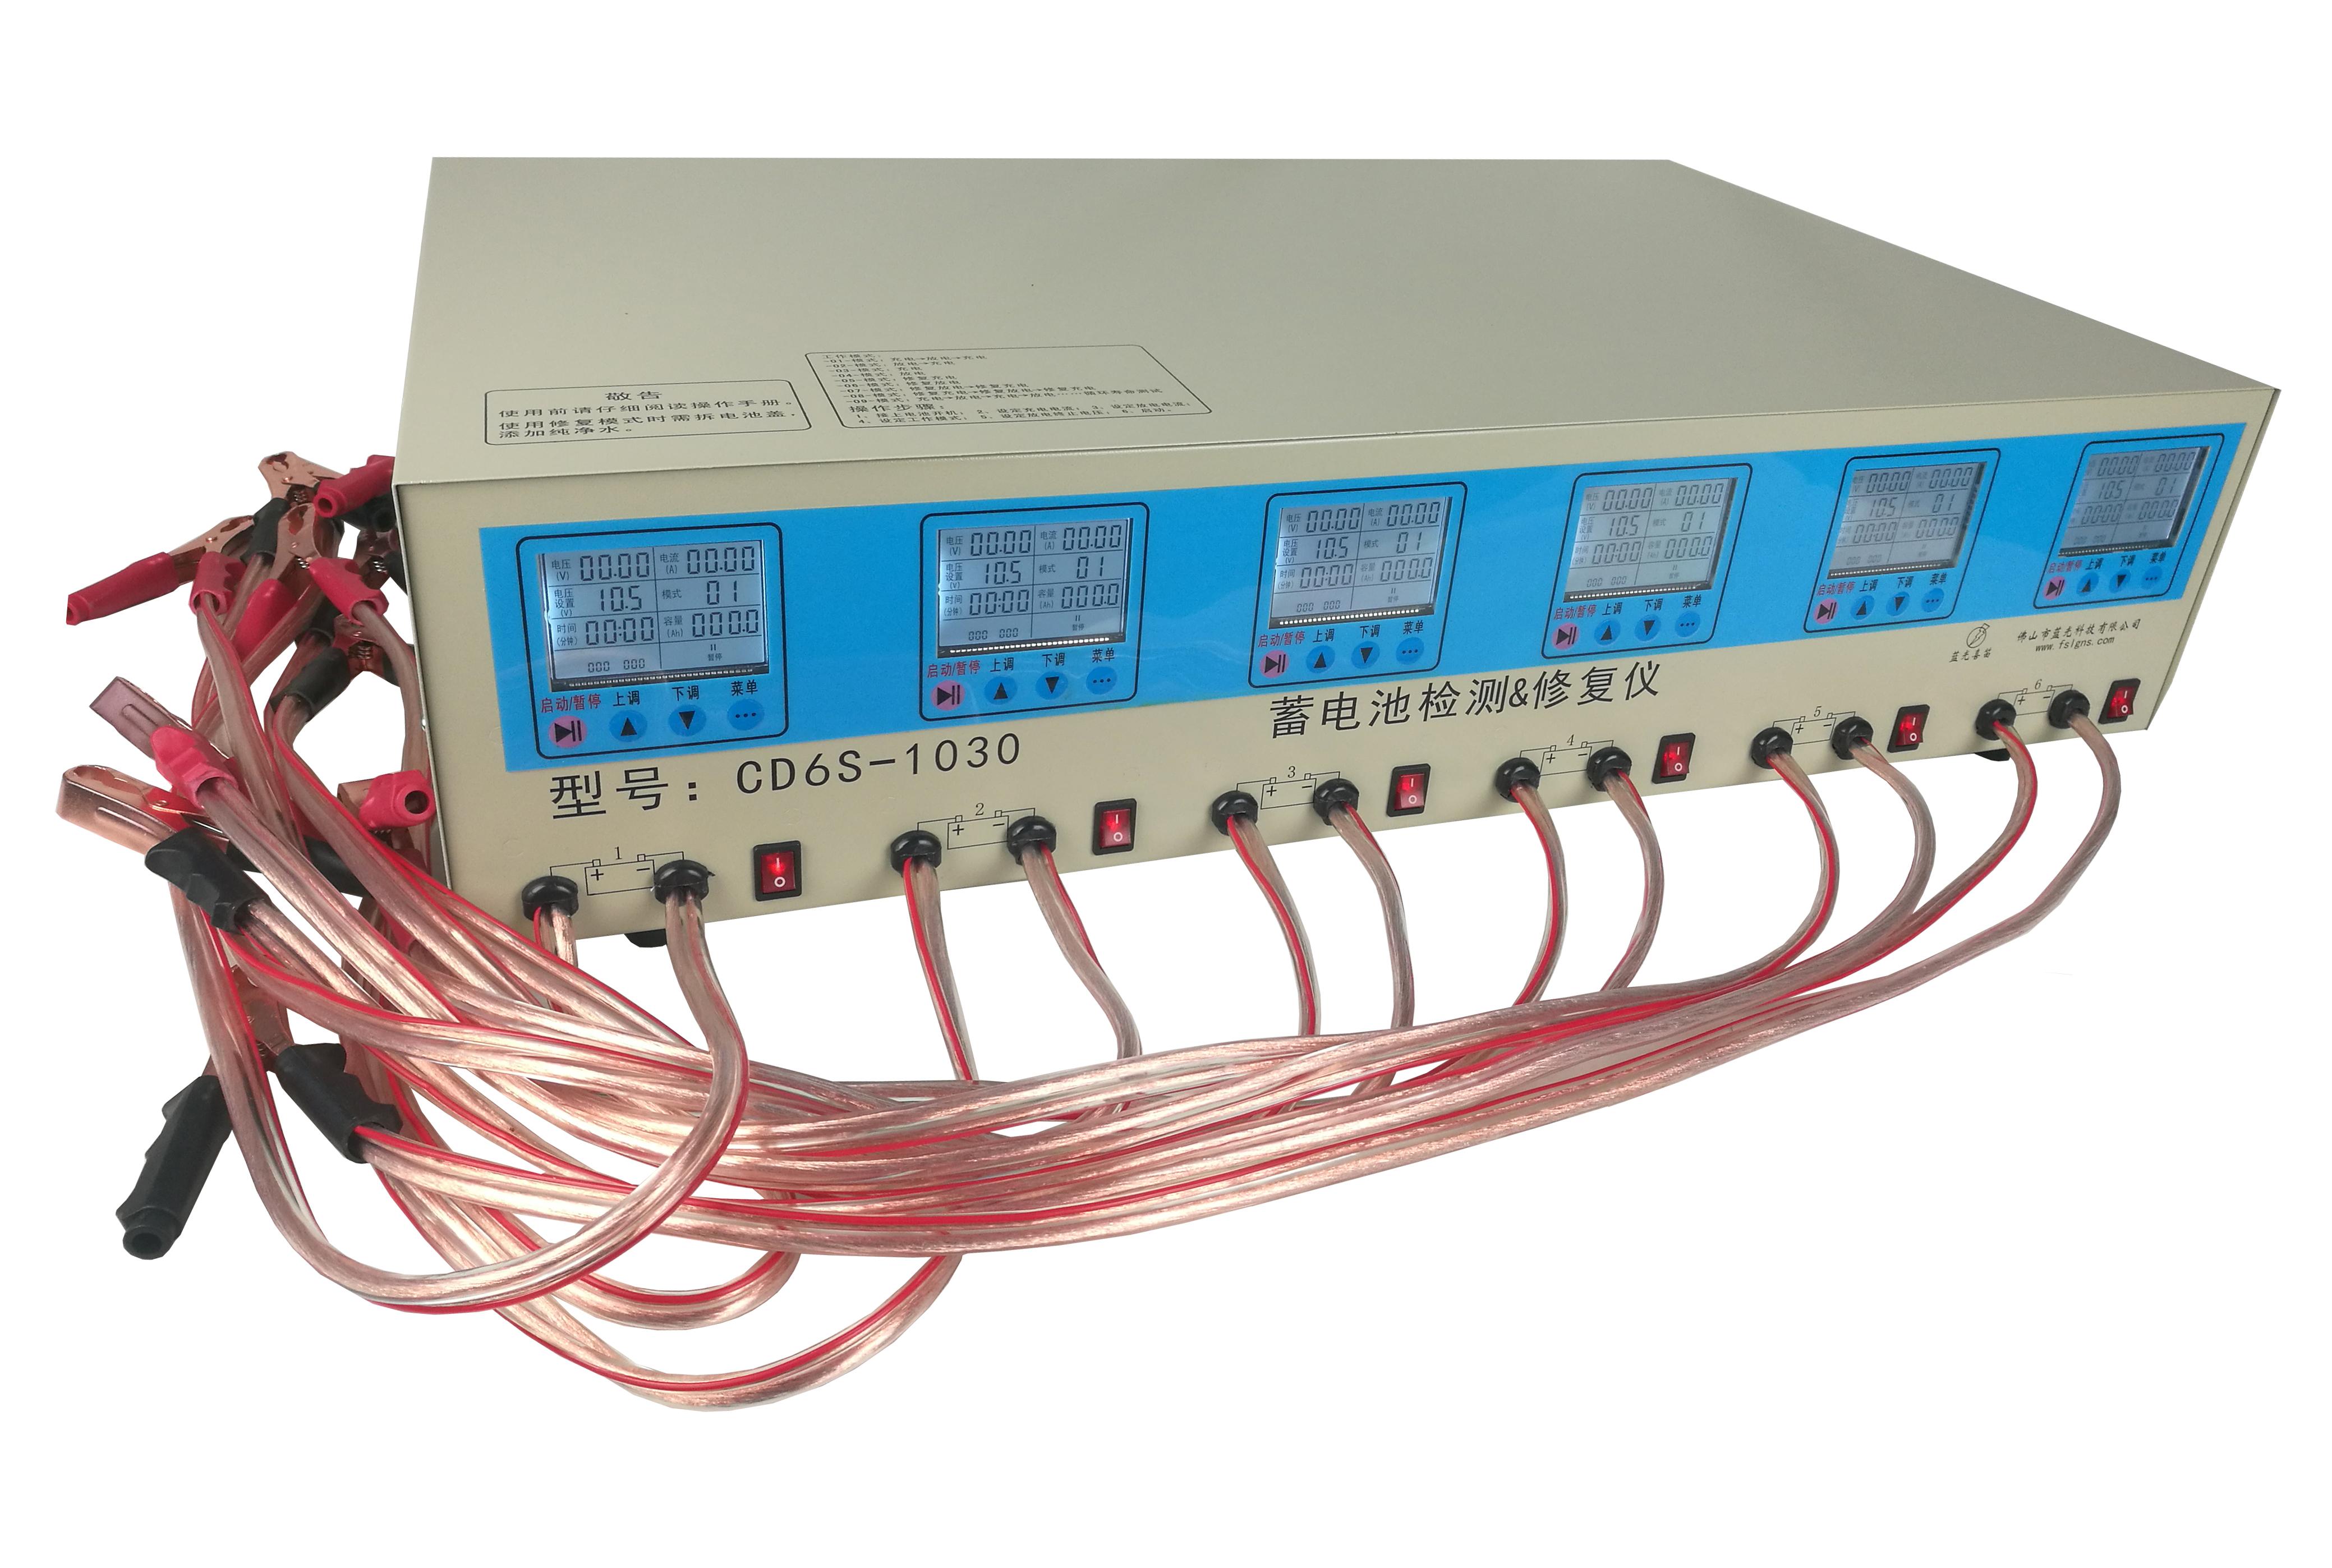 蓝光CD6S正负脉冲蓄电池检测&修复仪